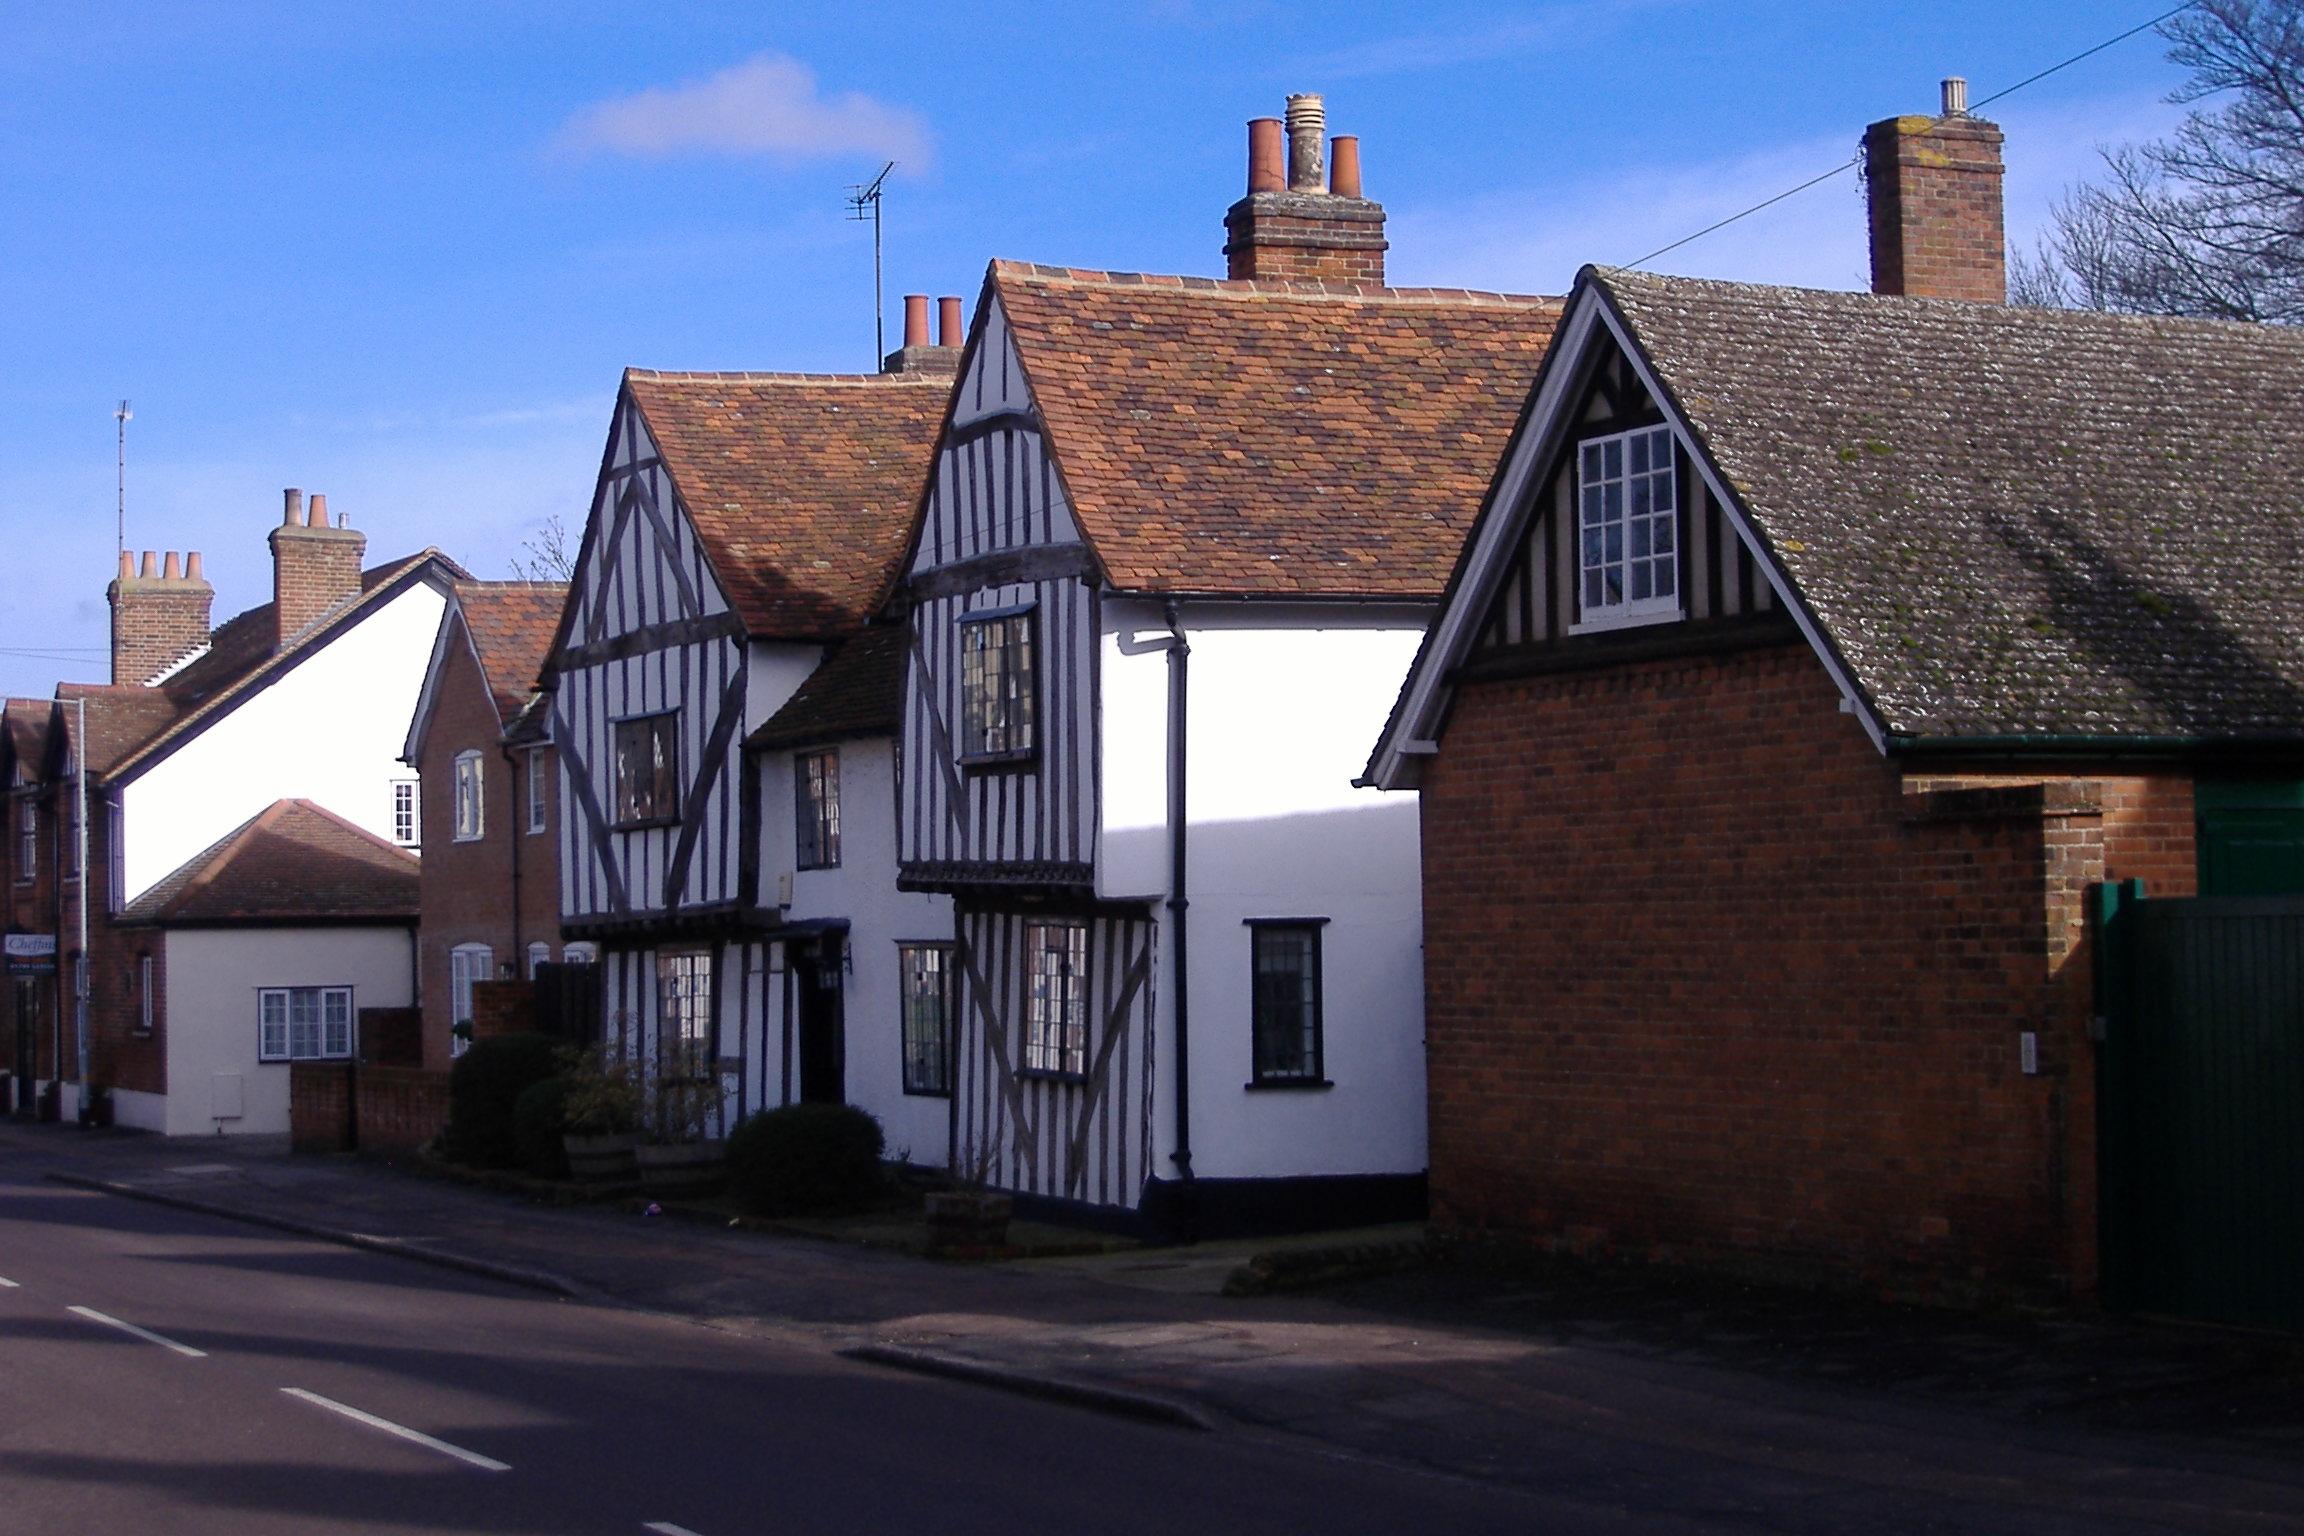 Newport Essex Images